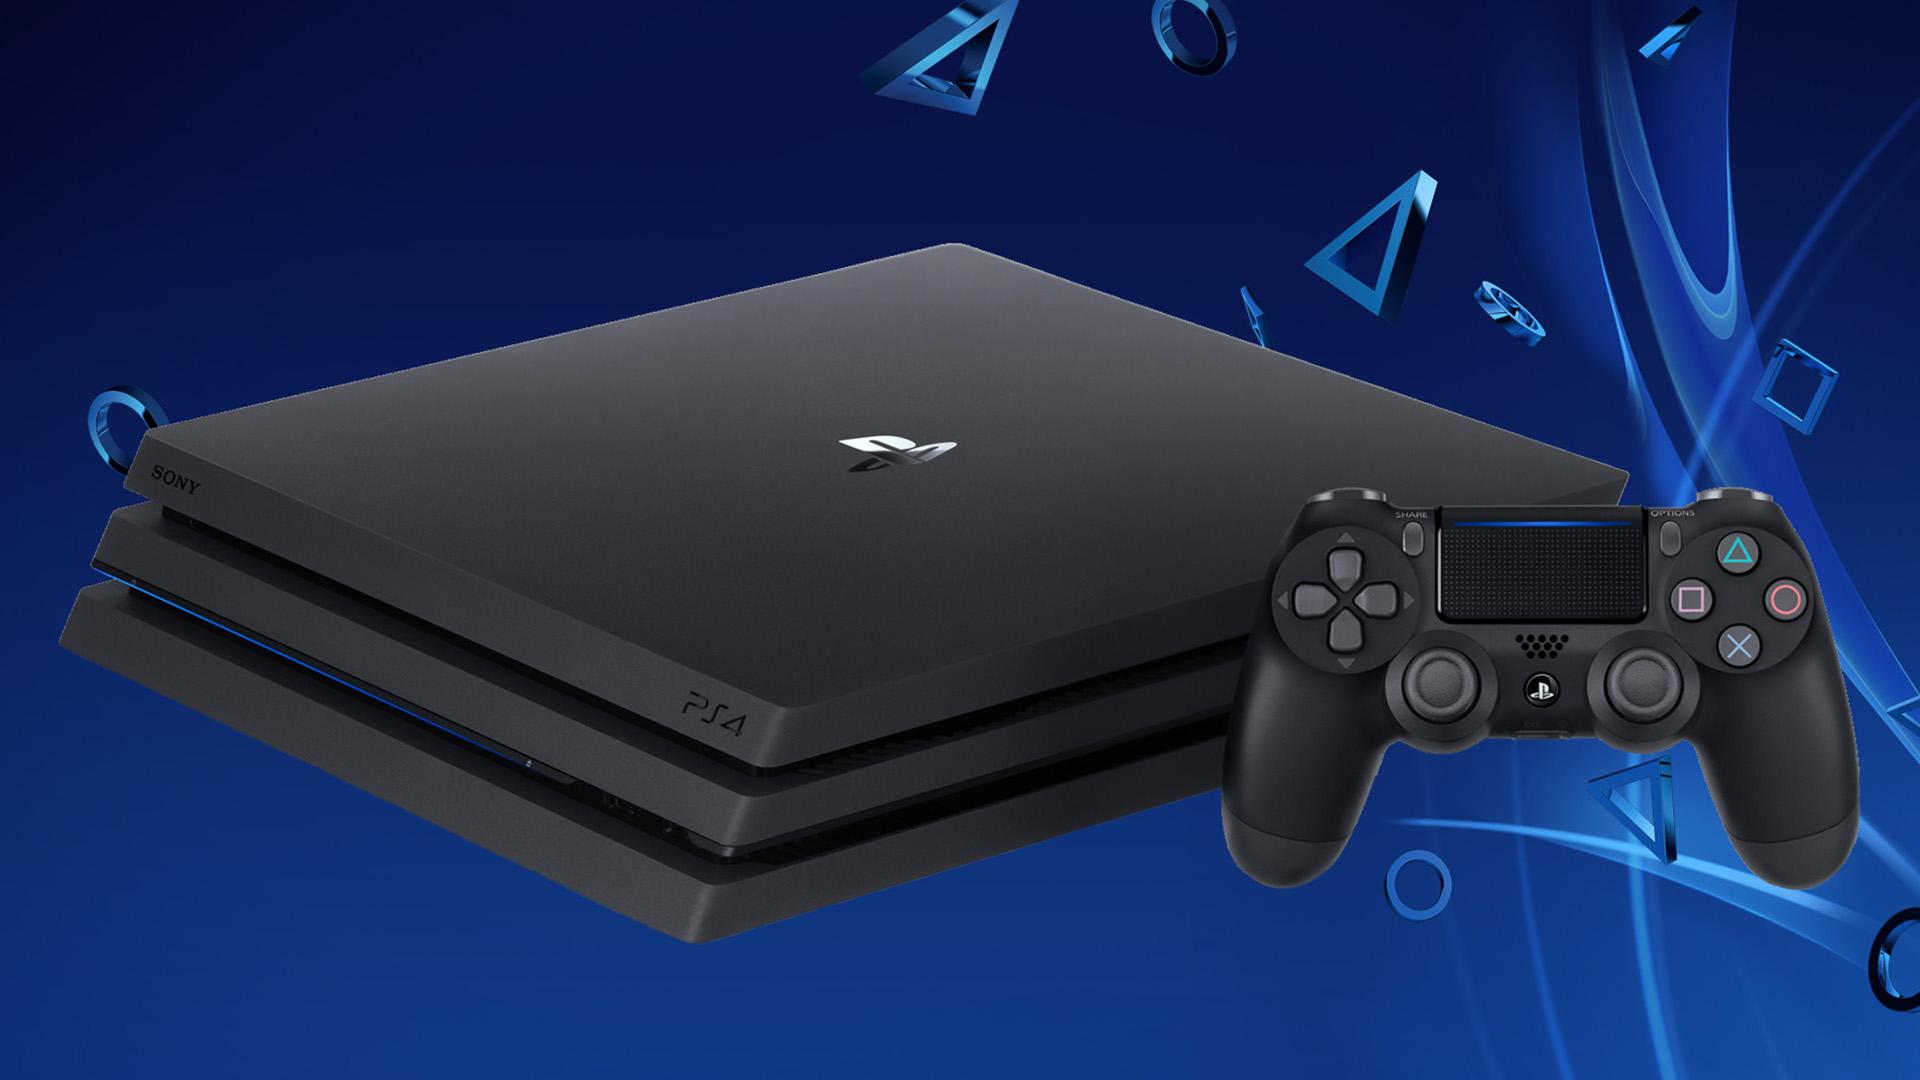 PS4 e PS4 Pro: disponibile ora il firmware 5.50, ecco tutte le novità thumbnail